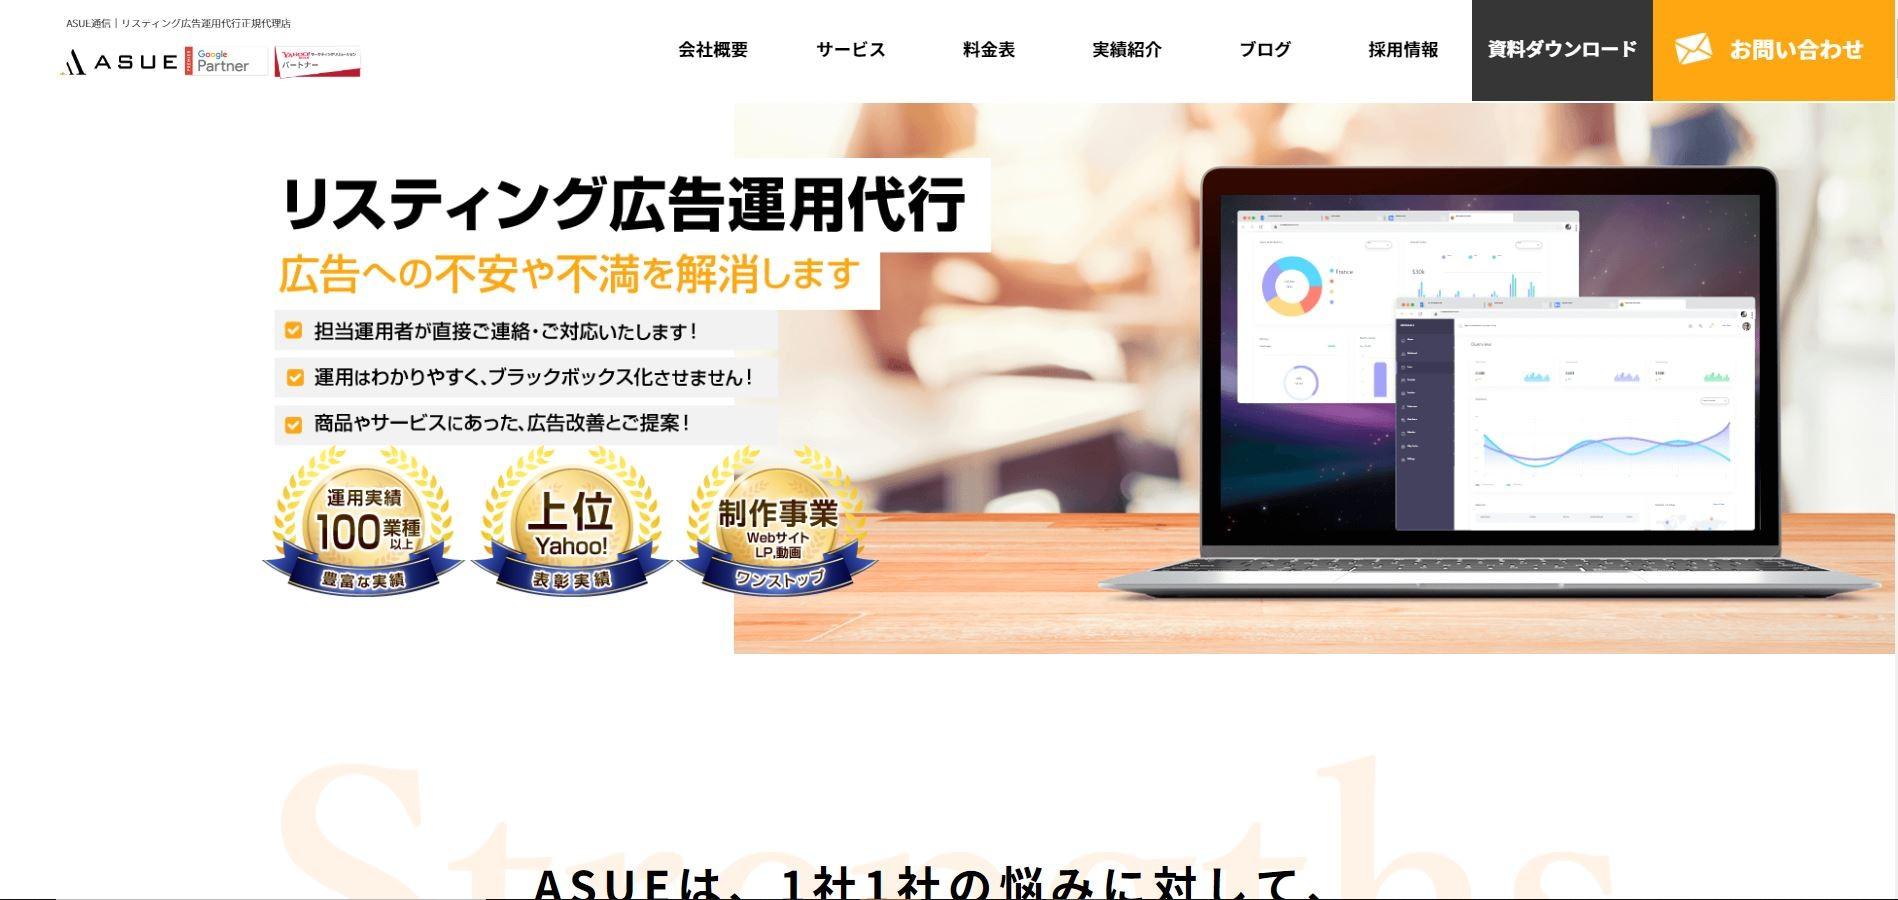 名古屋でランディングページに強い制作会社_ASUE(アスエ)株式会社